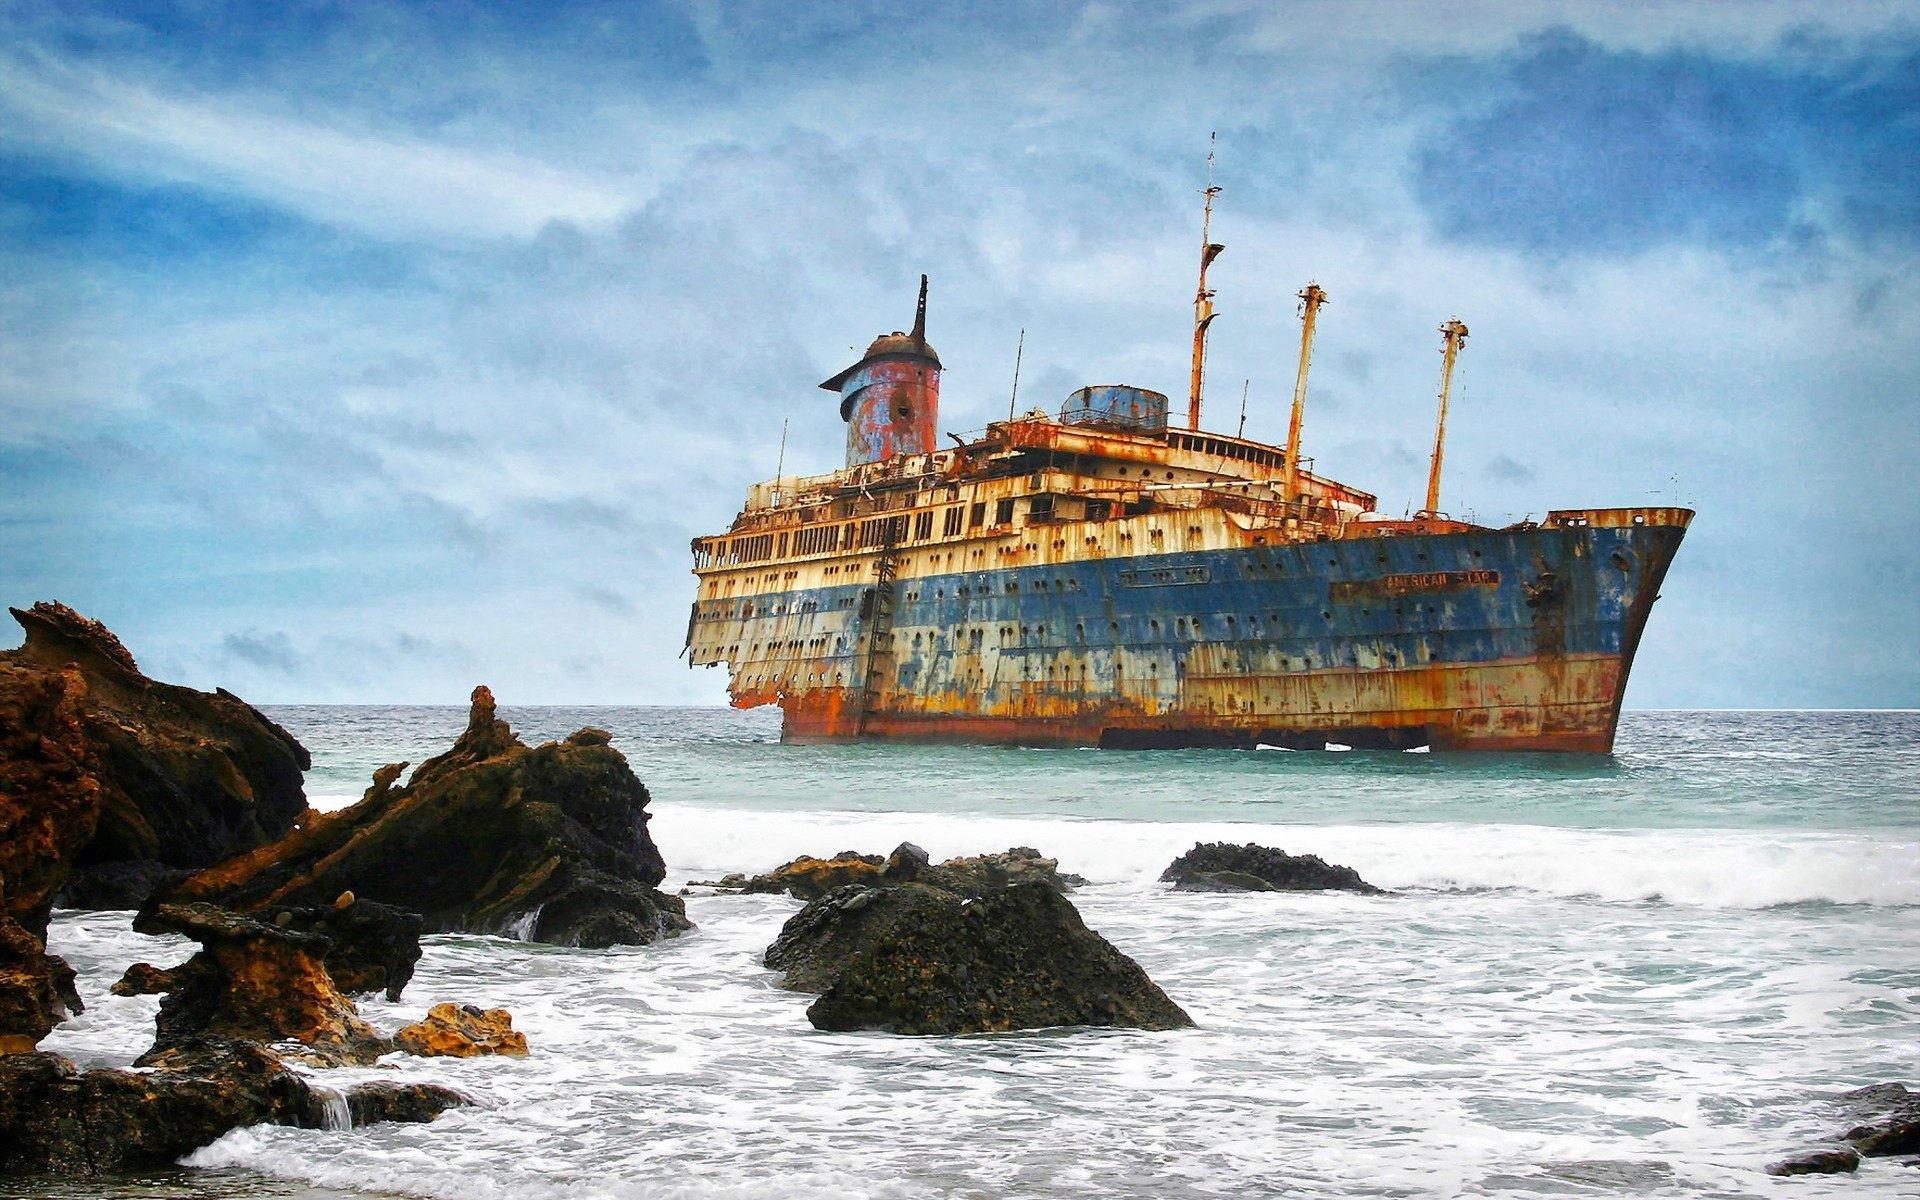 Shipwreck Wallpaper (72+ images)